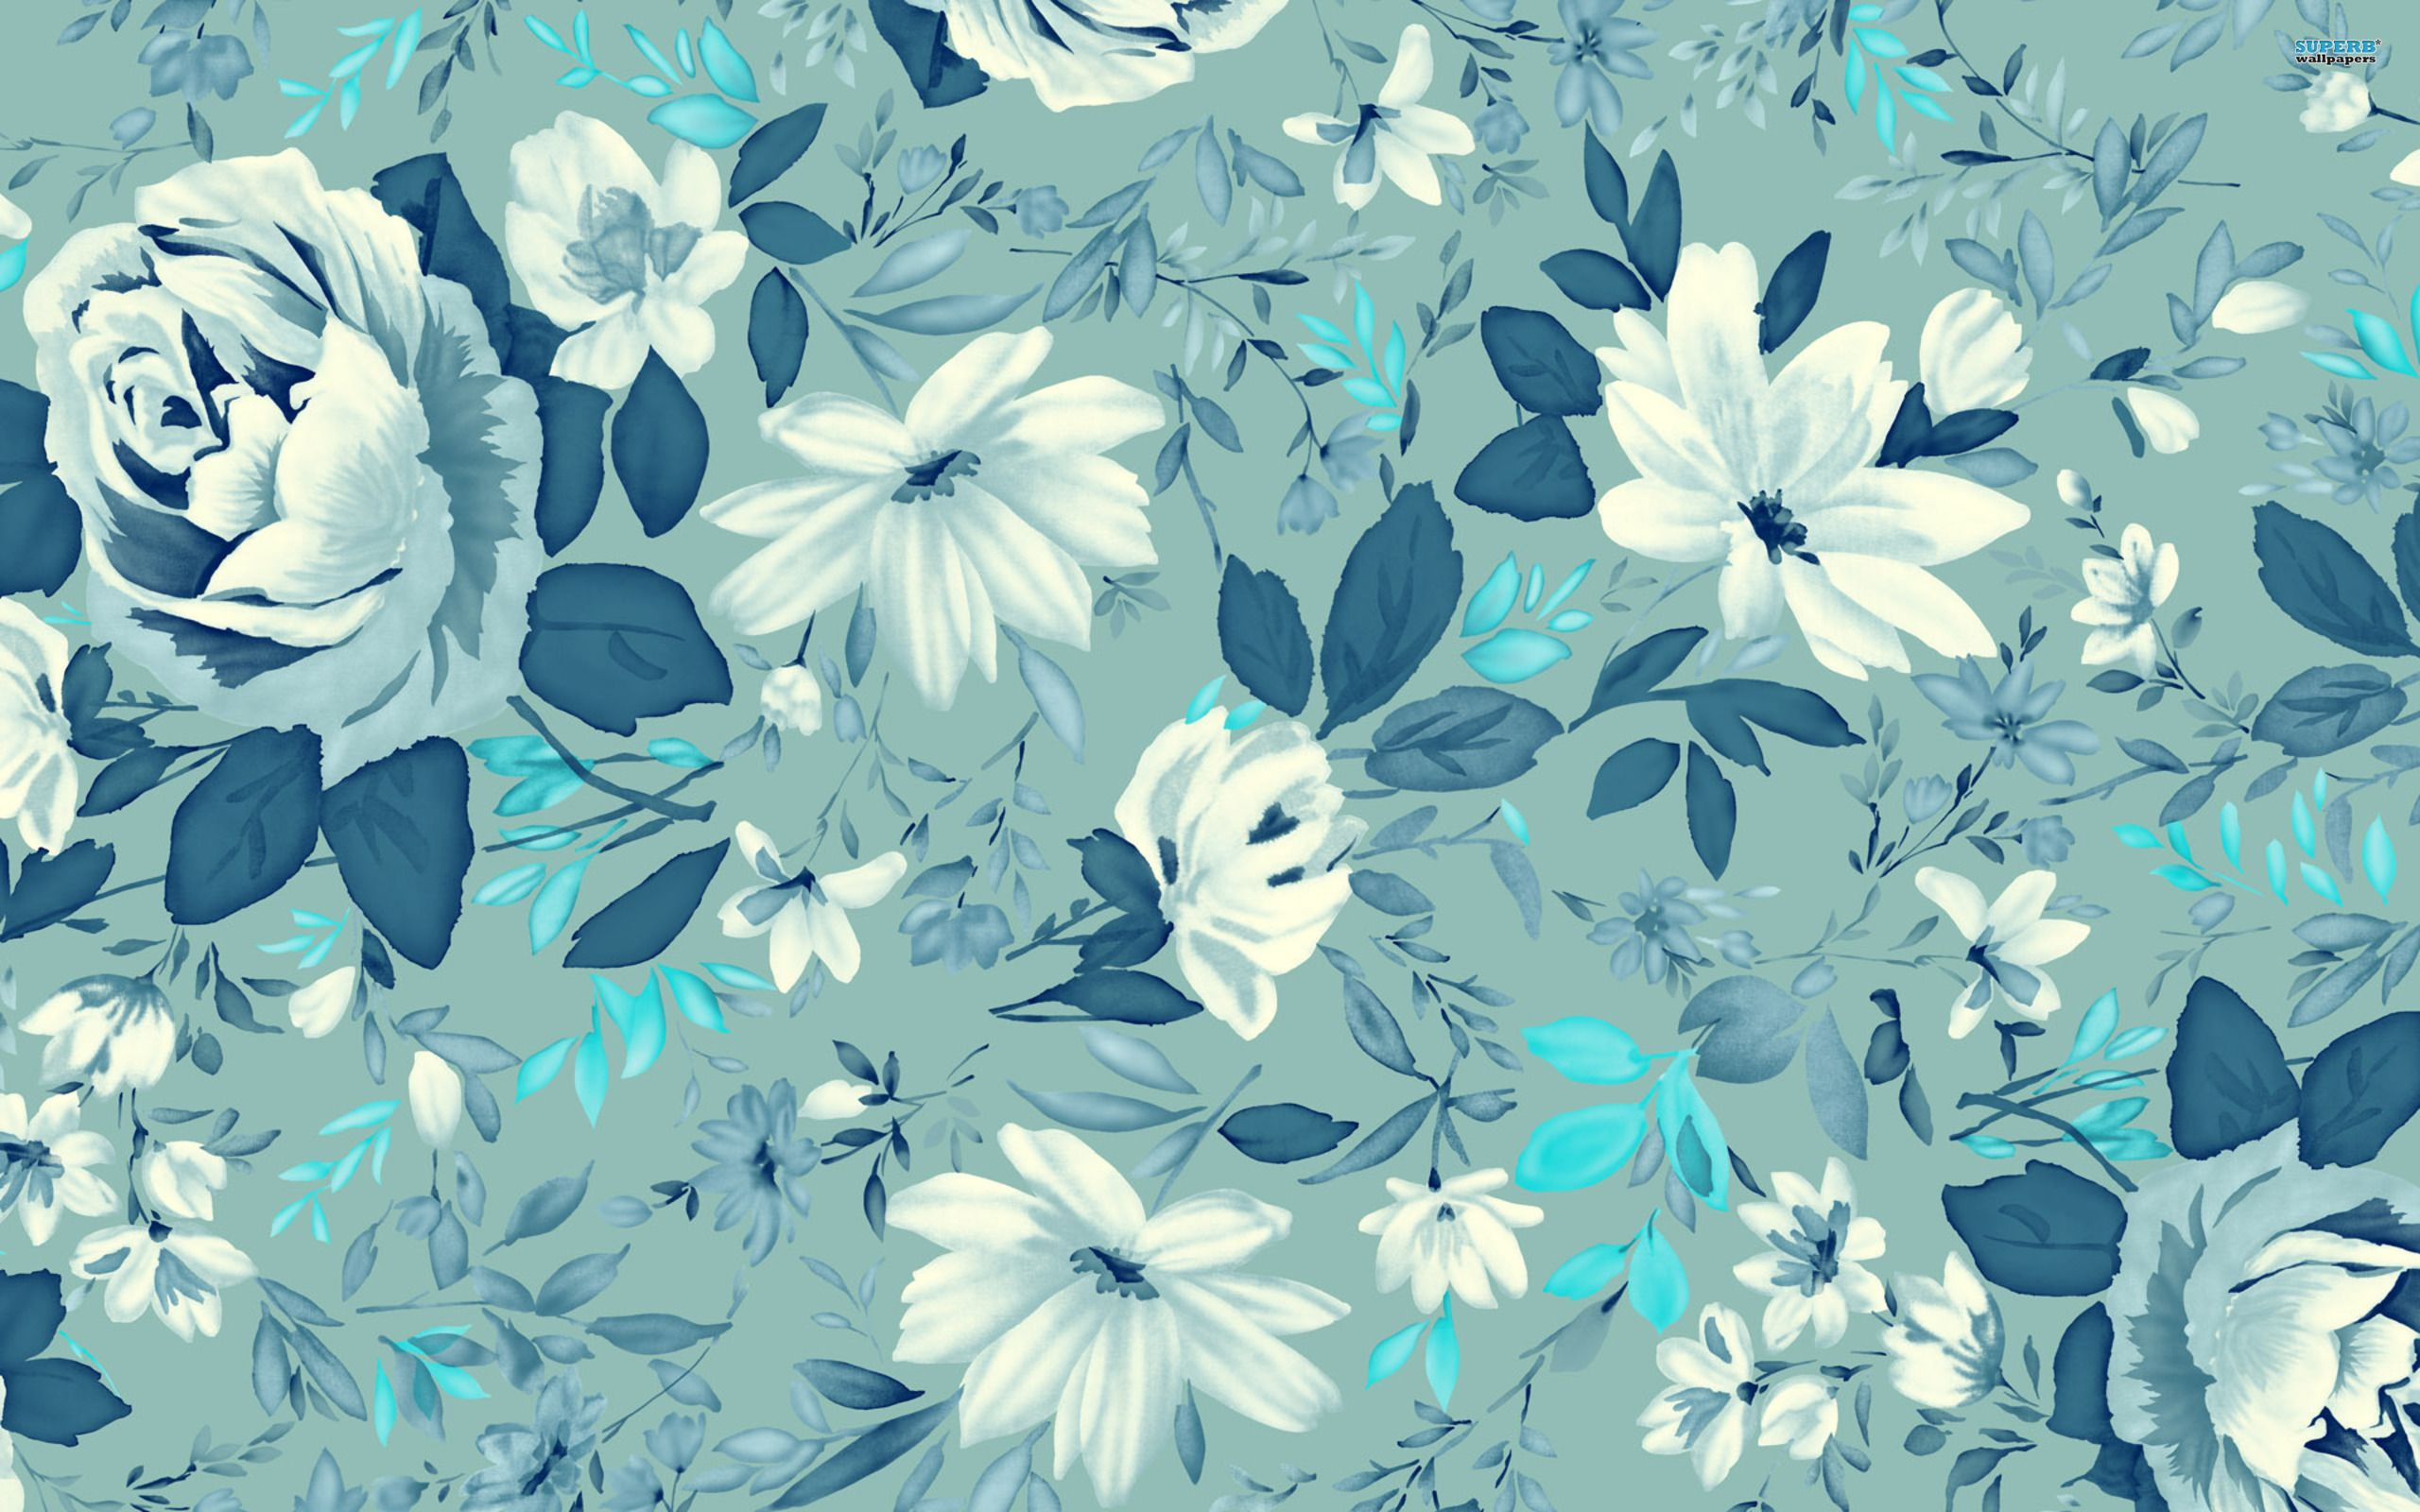 ಌ.blue Flowers Design.ಌ wallpaper free Floral pattern